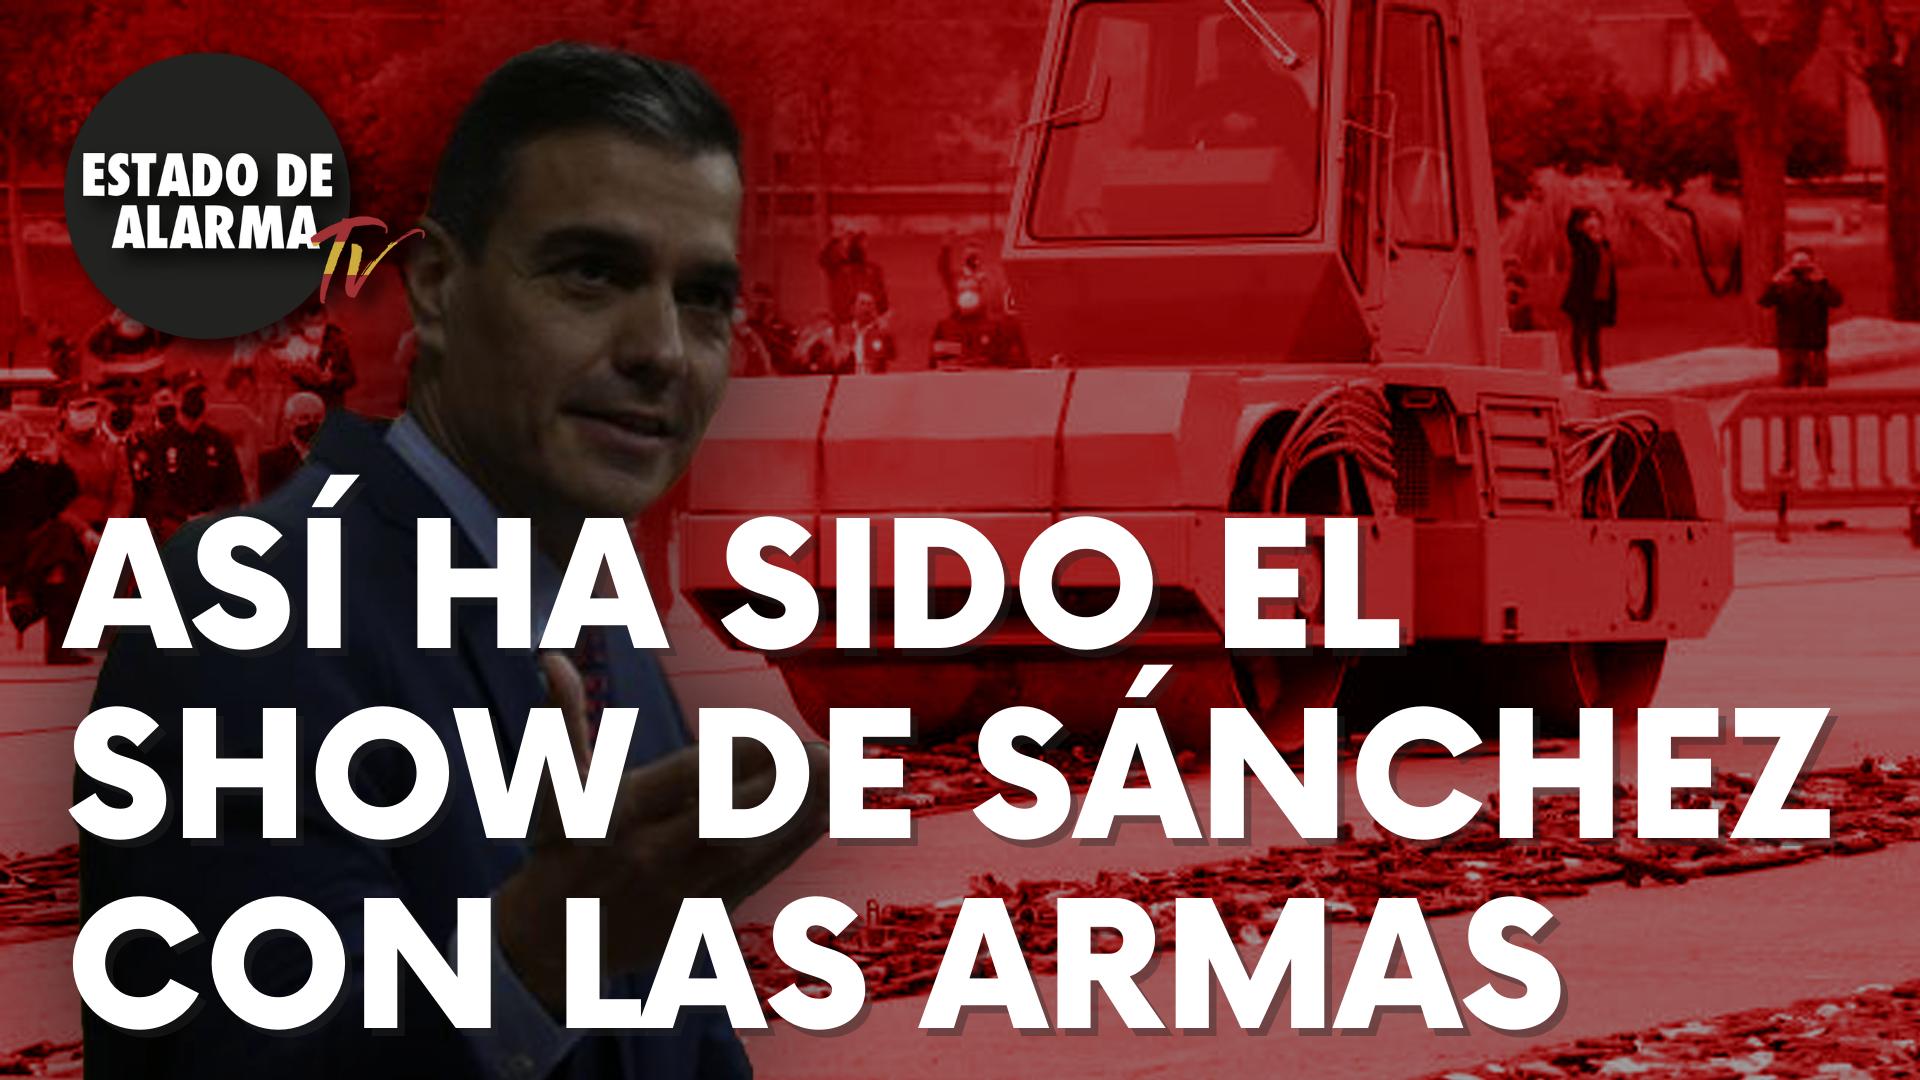 Así ha sido el show de Sánchez con las armas de ETA